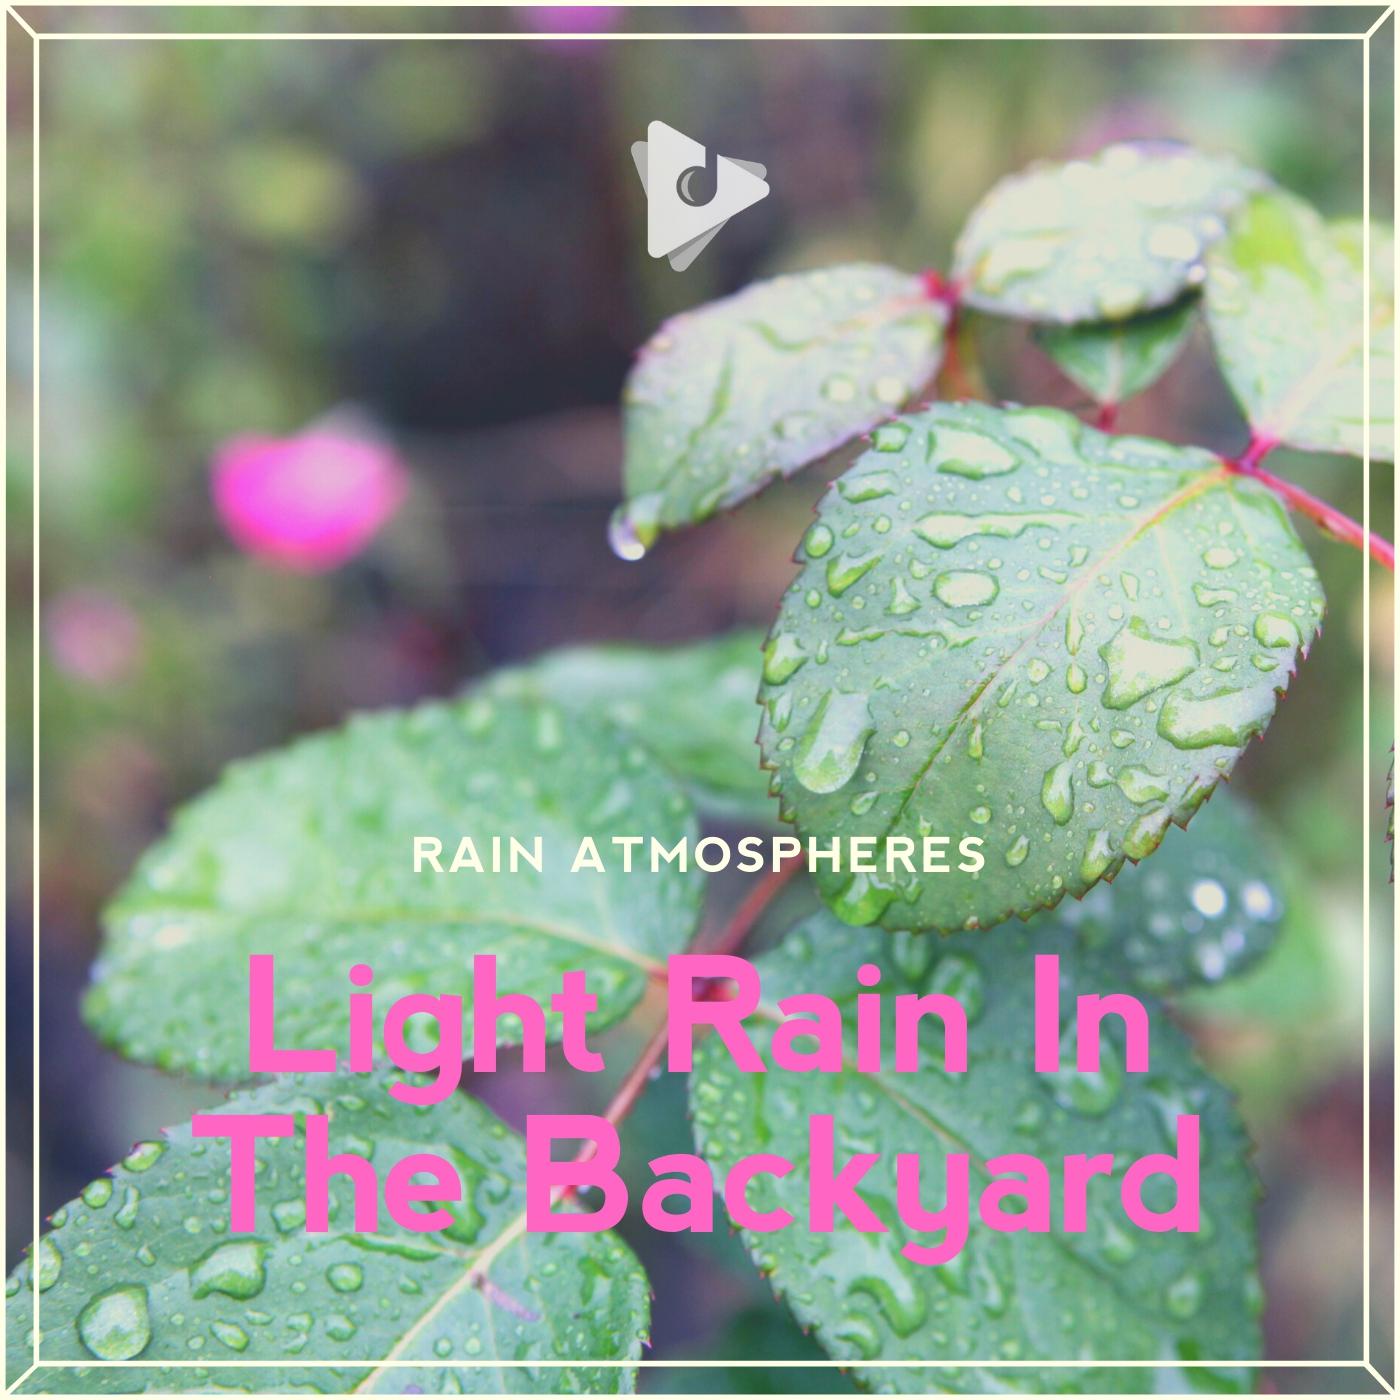 Light Rain In The Backyard